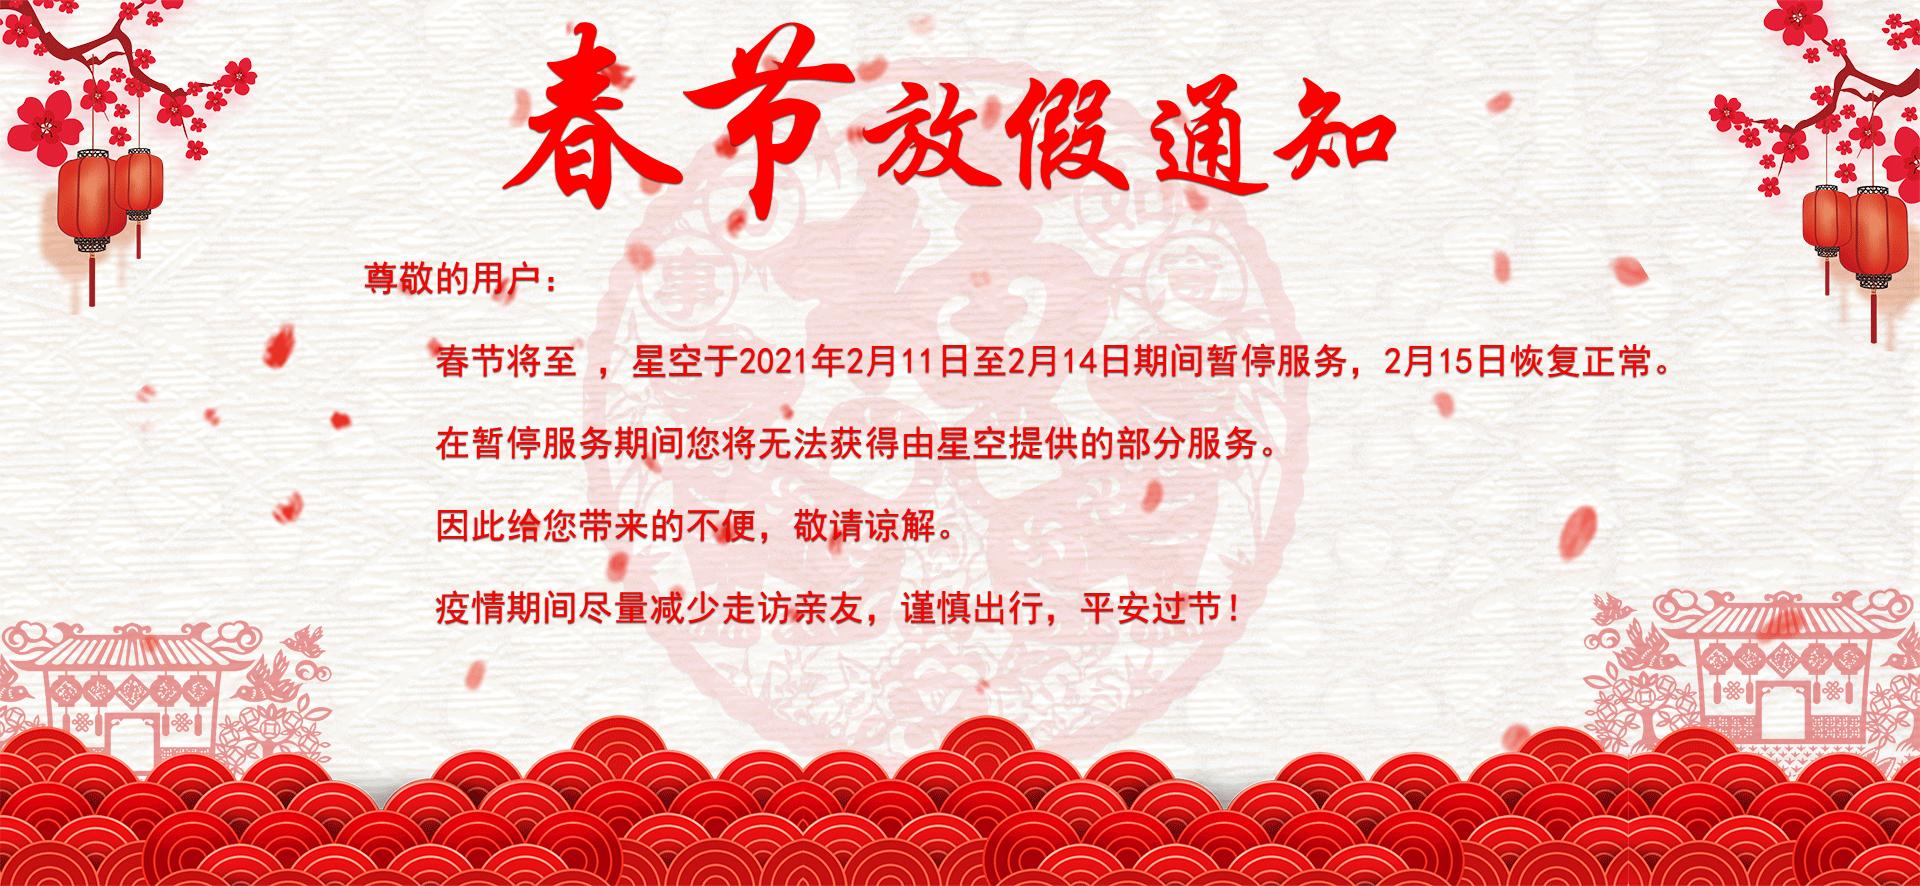 星空2021年春节放假通知